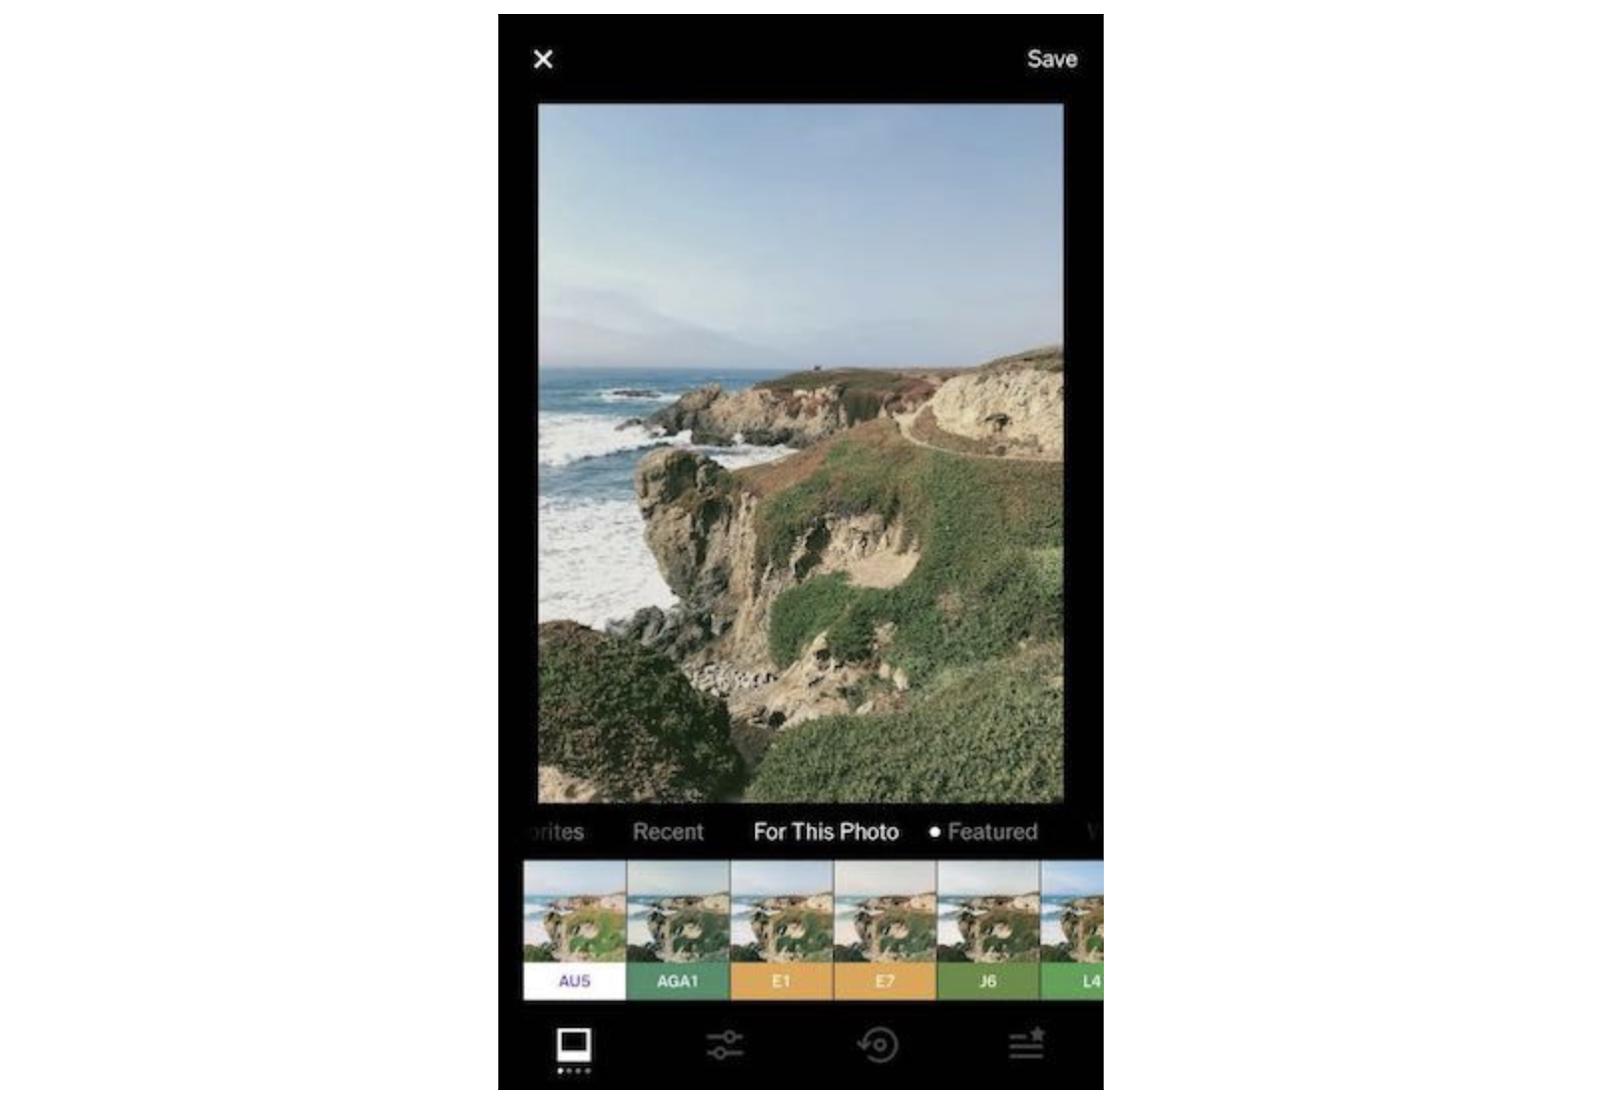 VSCO on mobile app